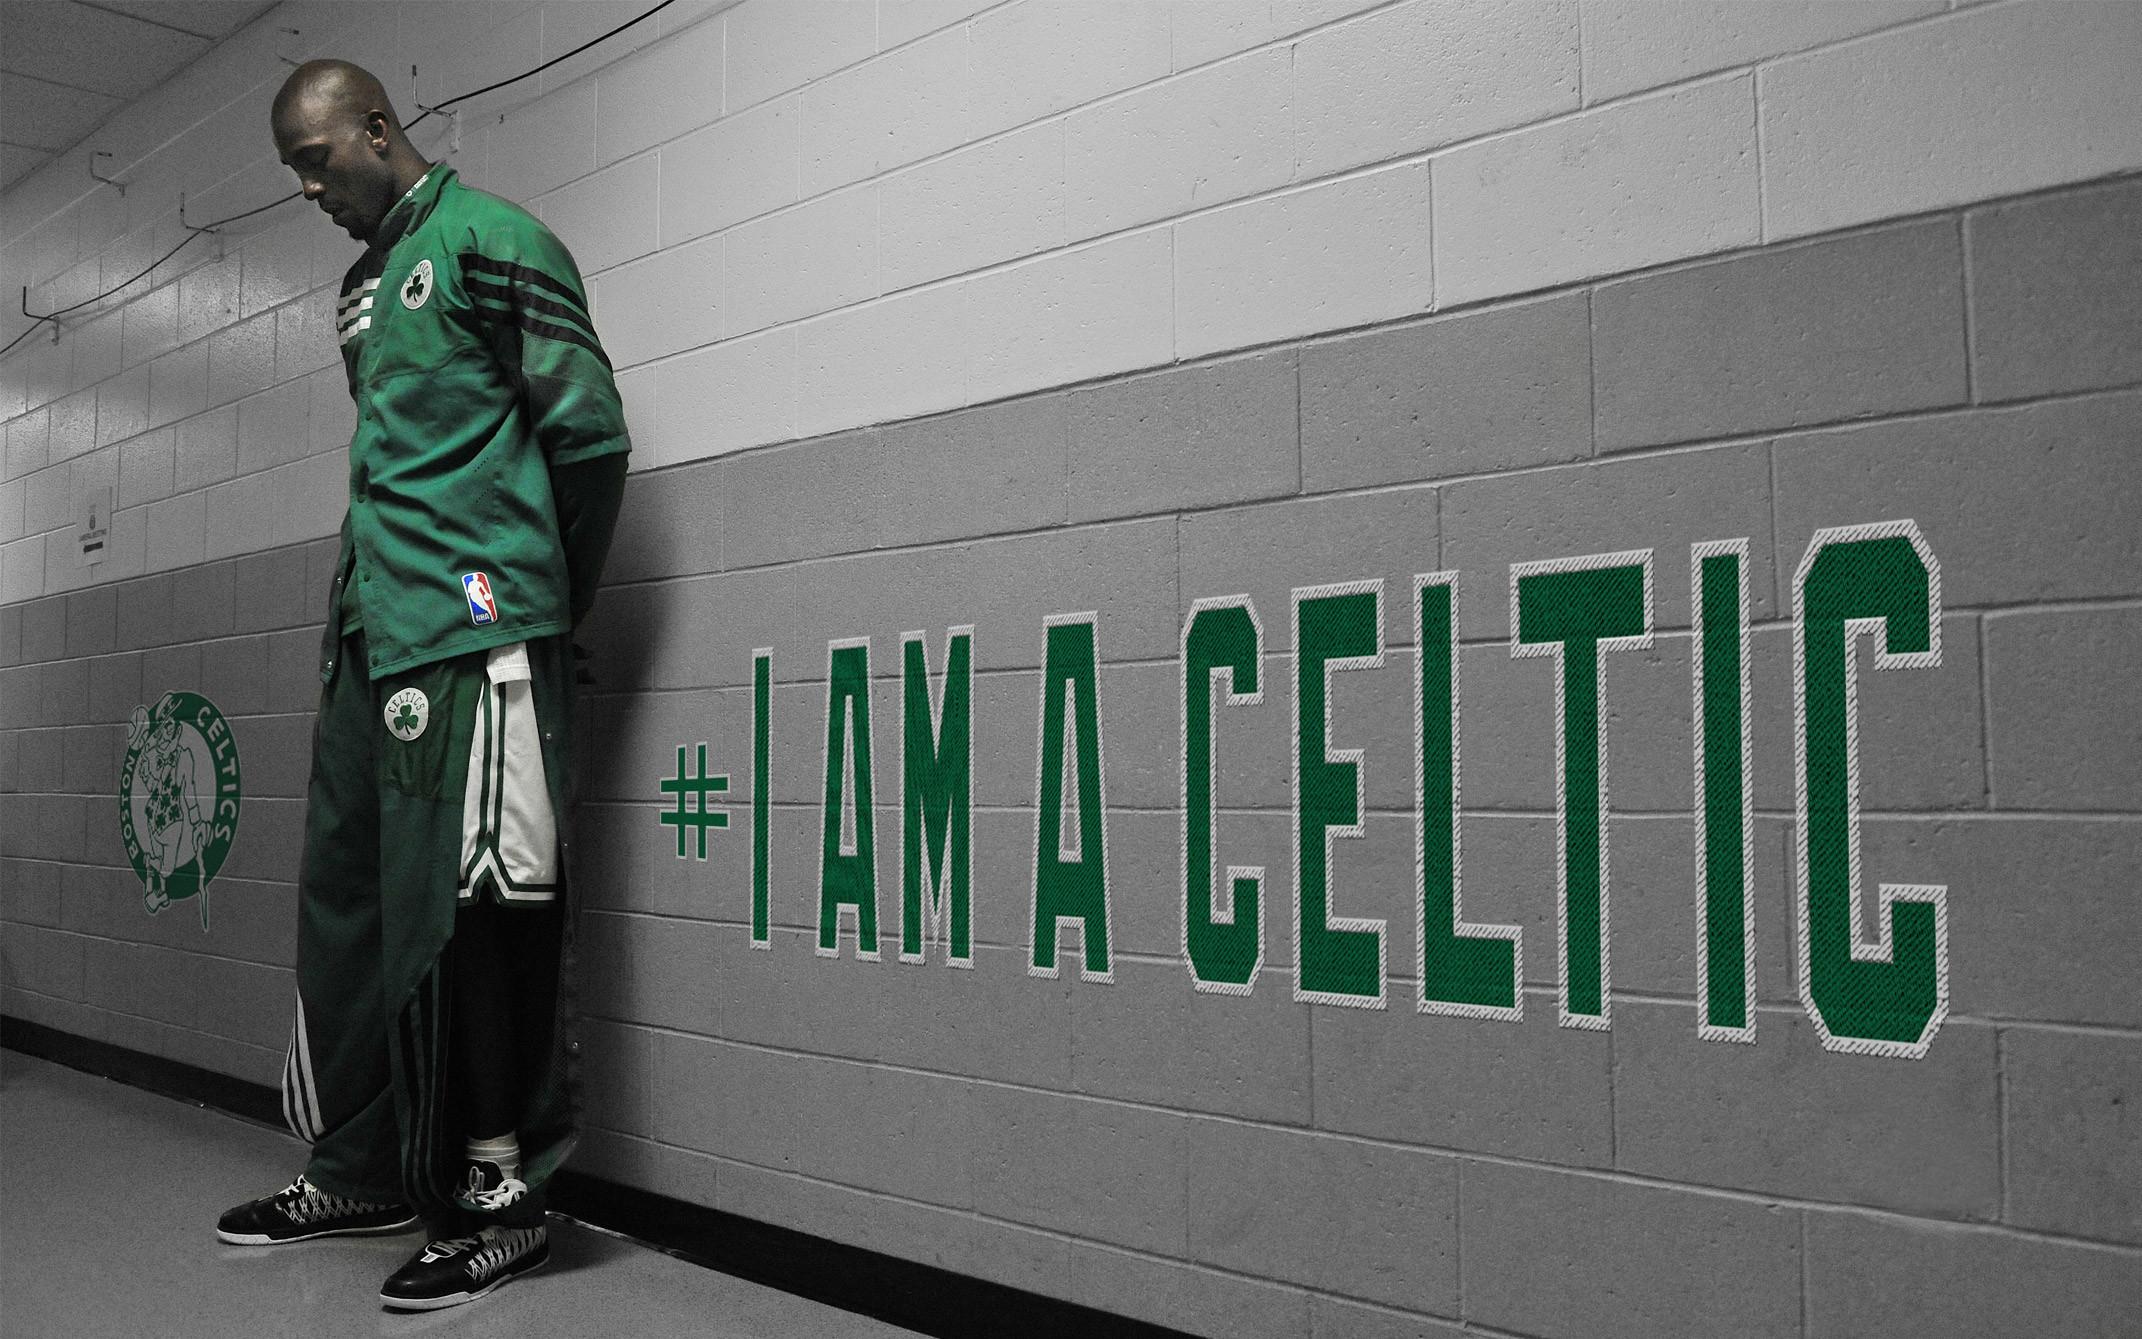 Celtics Wallpapers 183 ① Wallpapertag